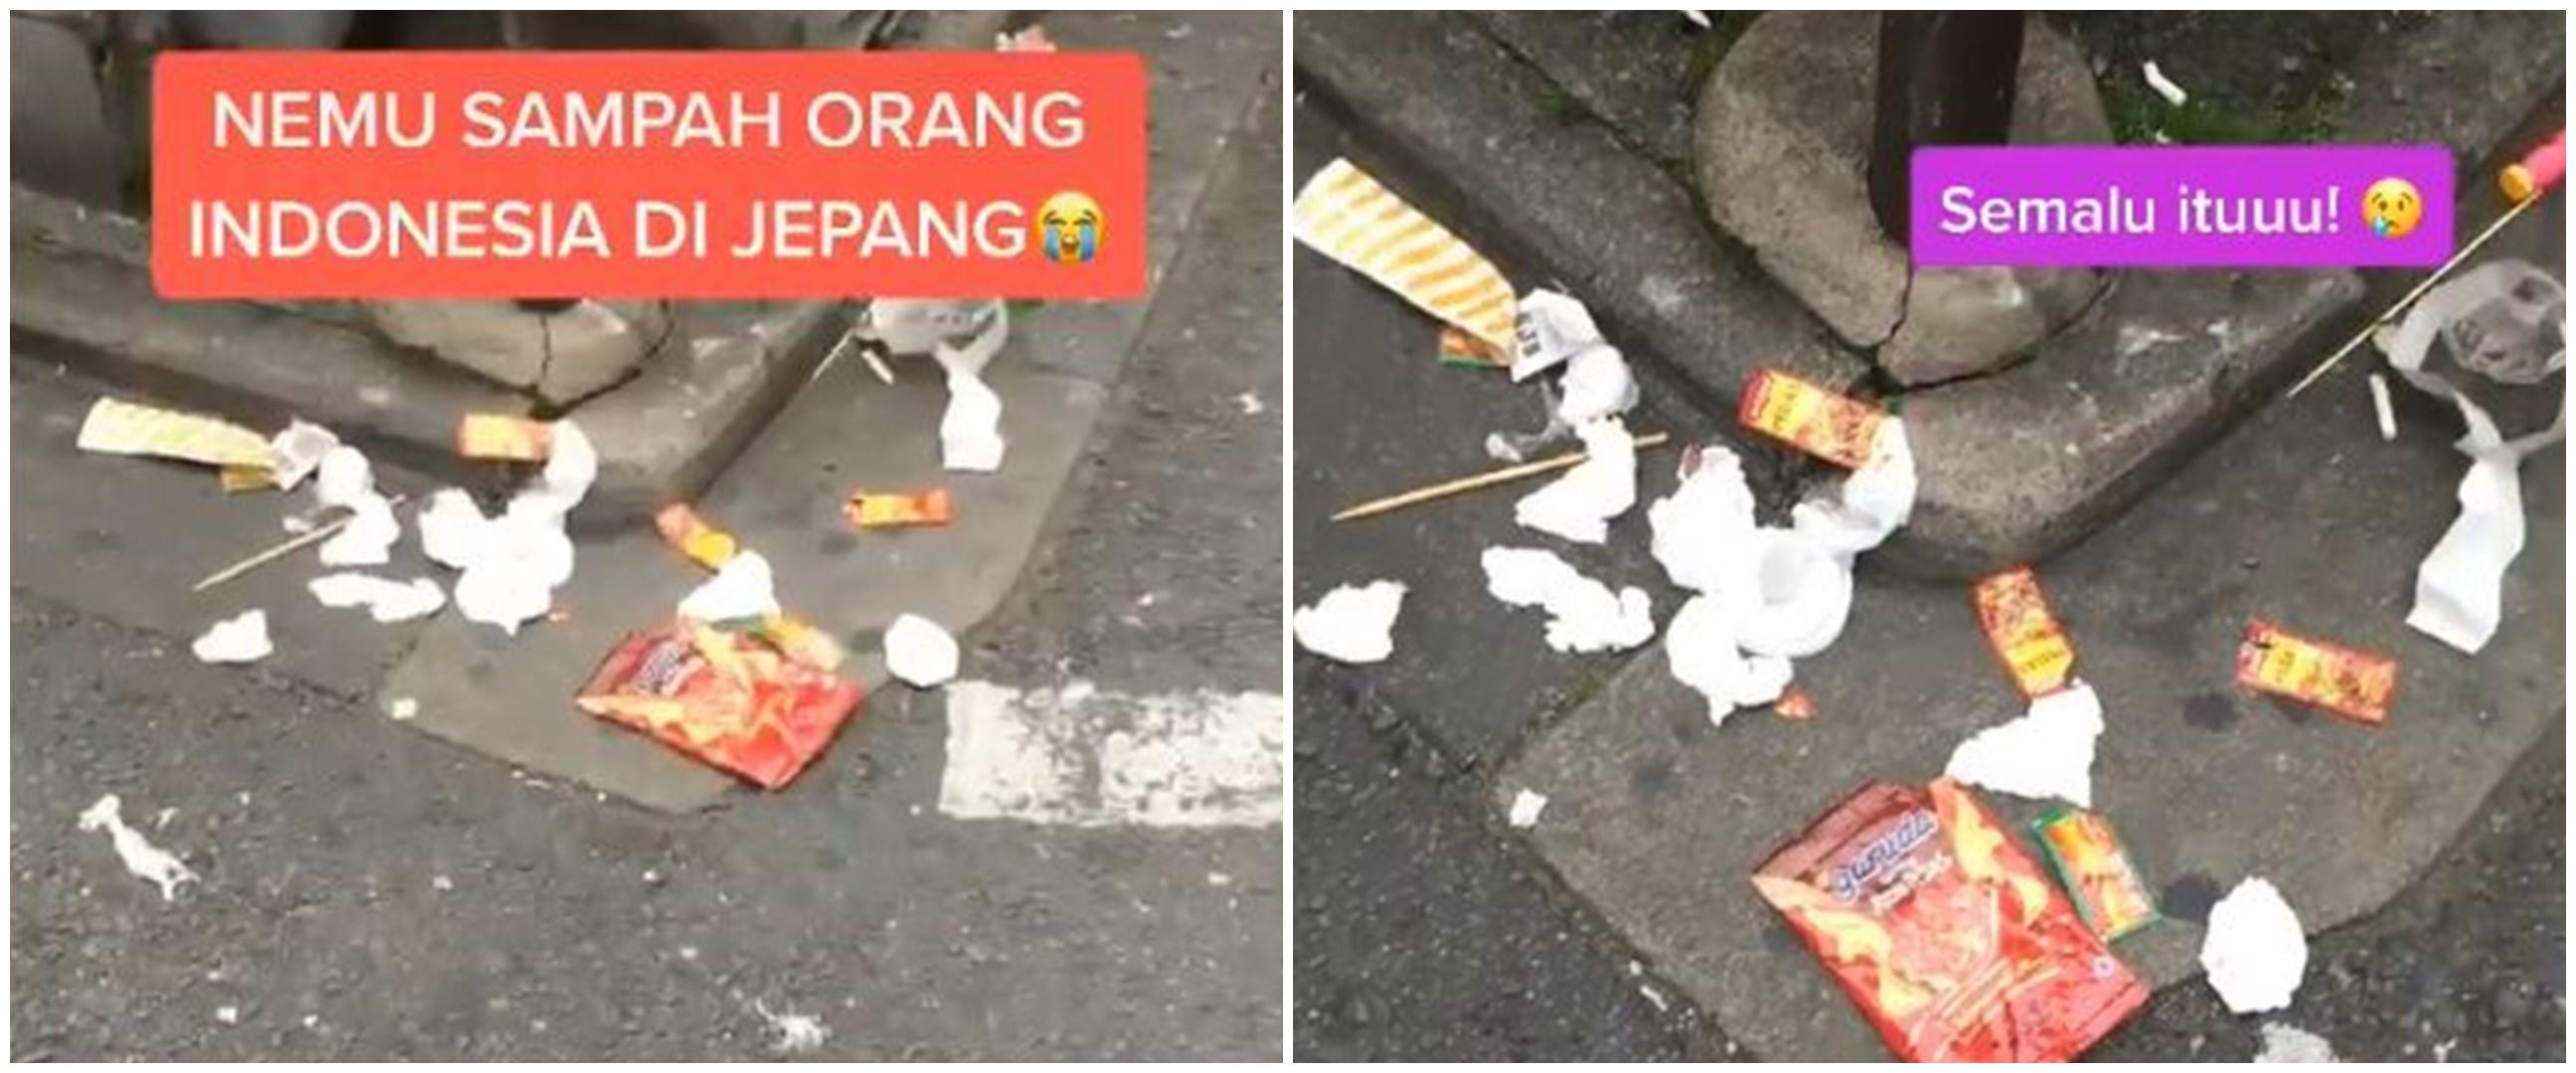 Video viral sampah produk Indonesia berserakan di Jepang